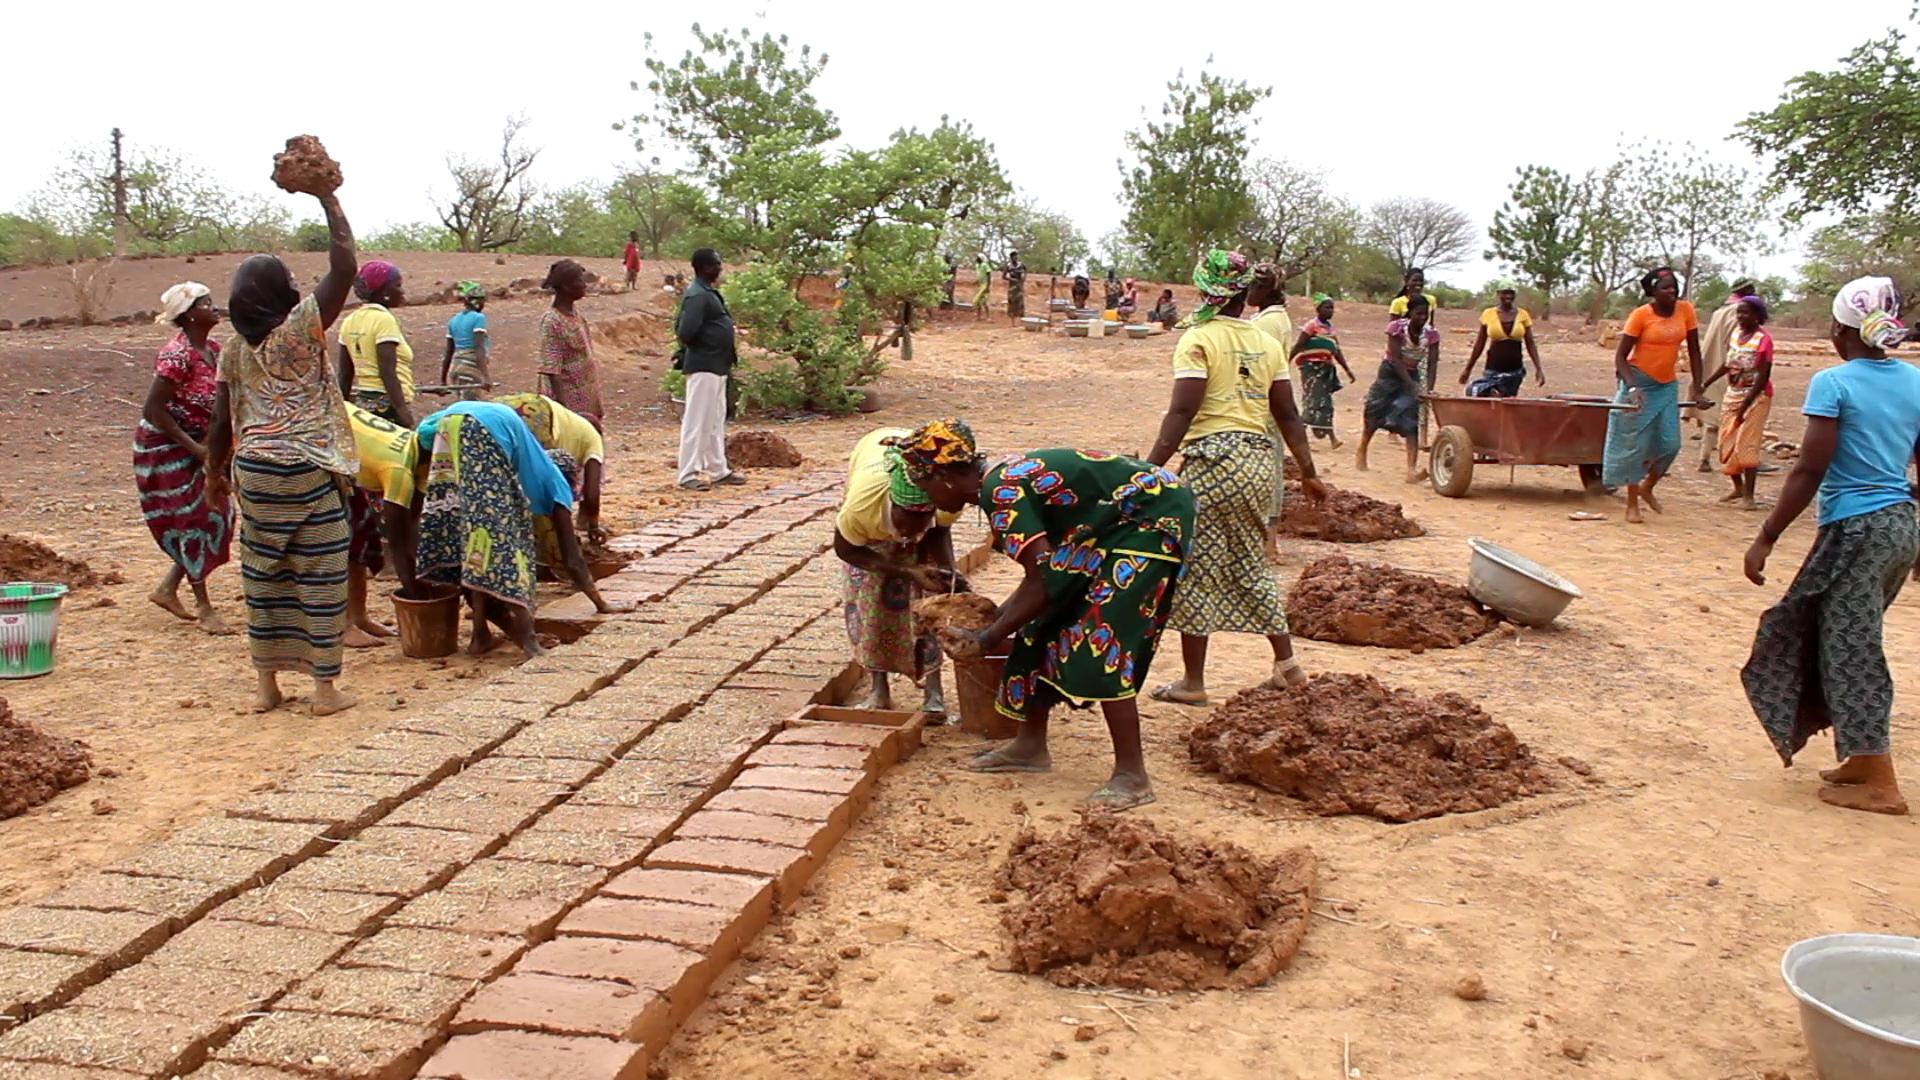 Club de Ganembogyiri : une confection de briques pour la résilience des communautés face aux menaces terroristes.